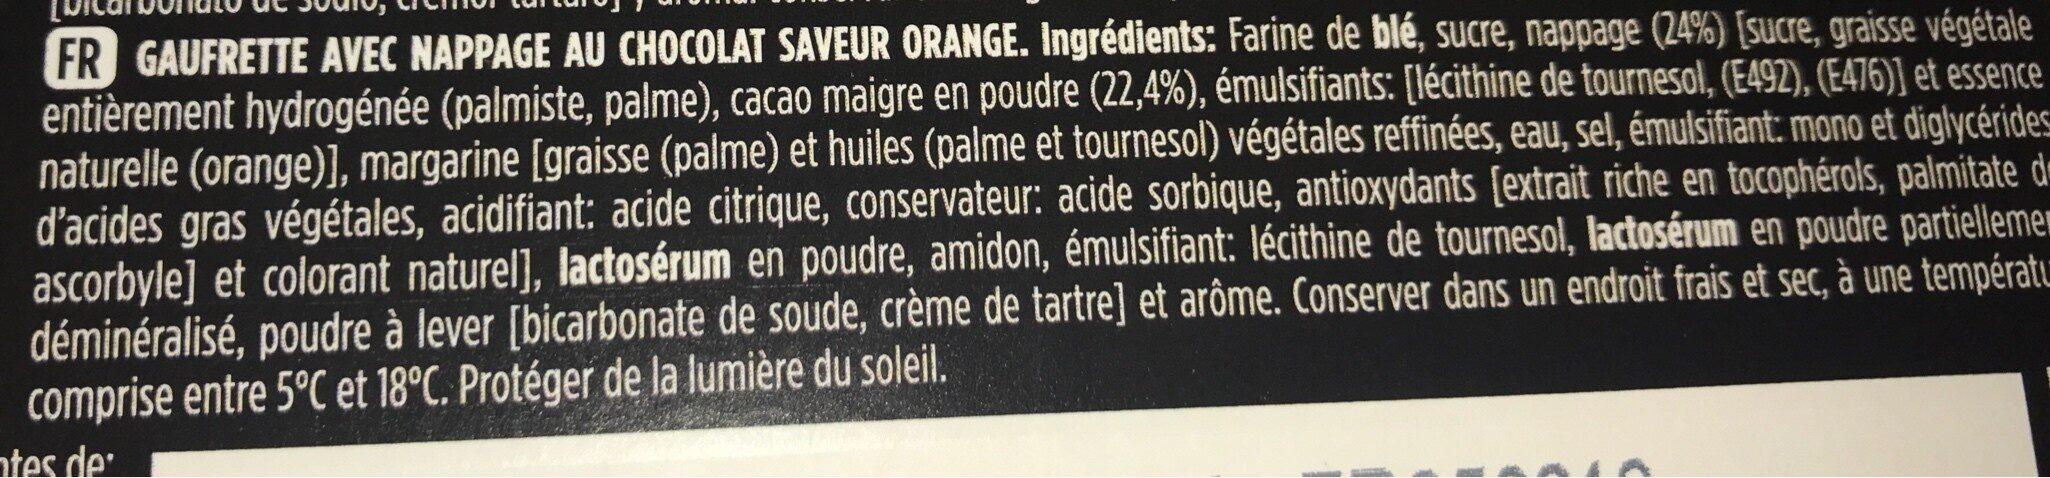 Belga chocolate e laranja - Ingrédients - fr